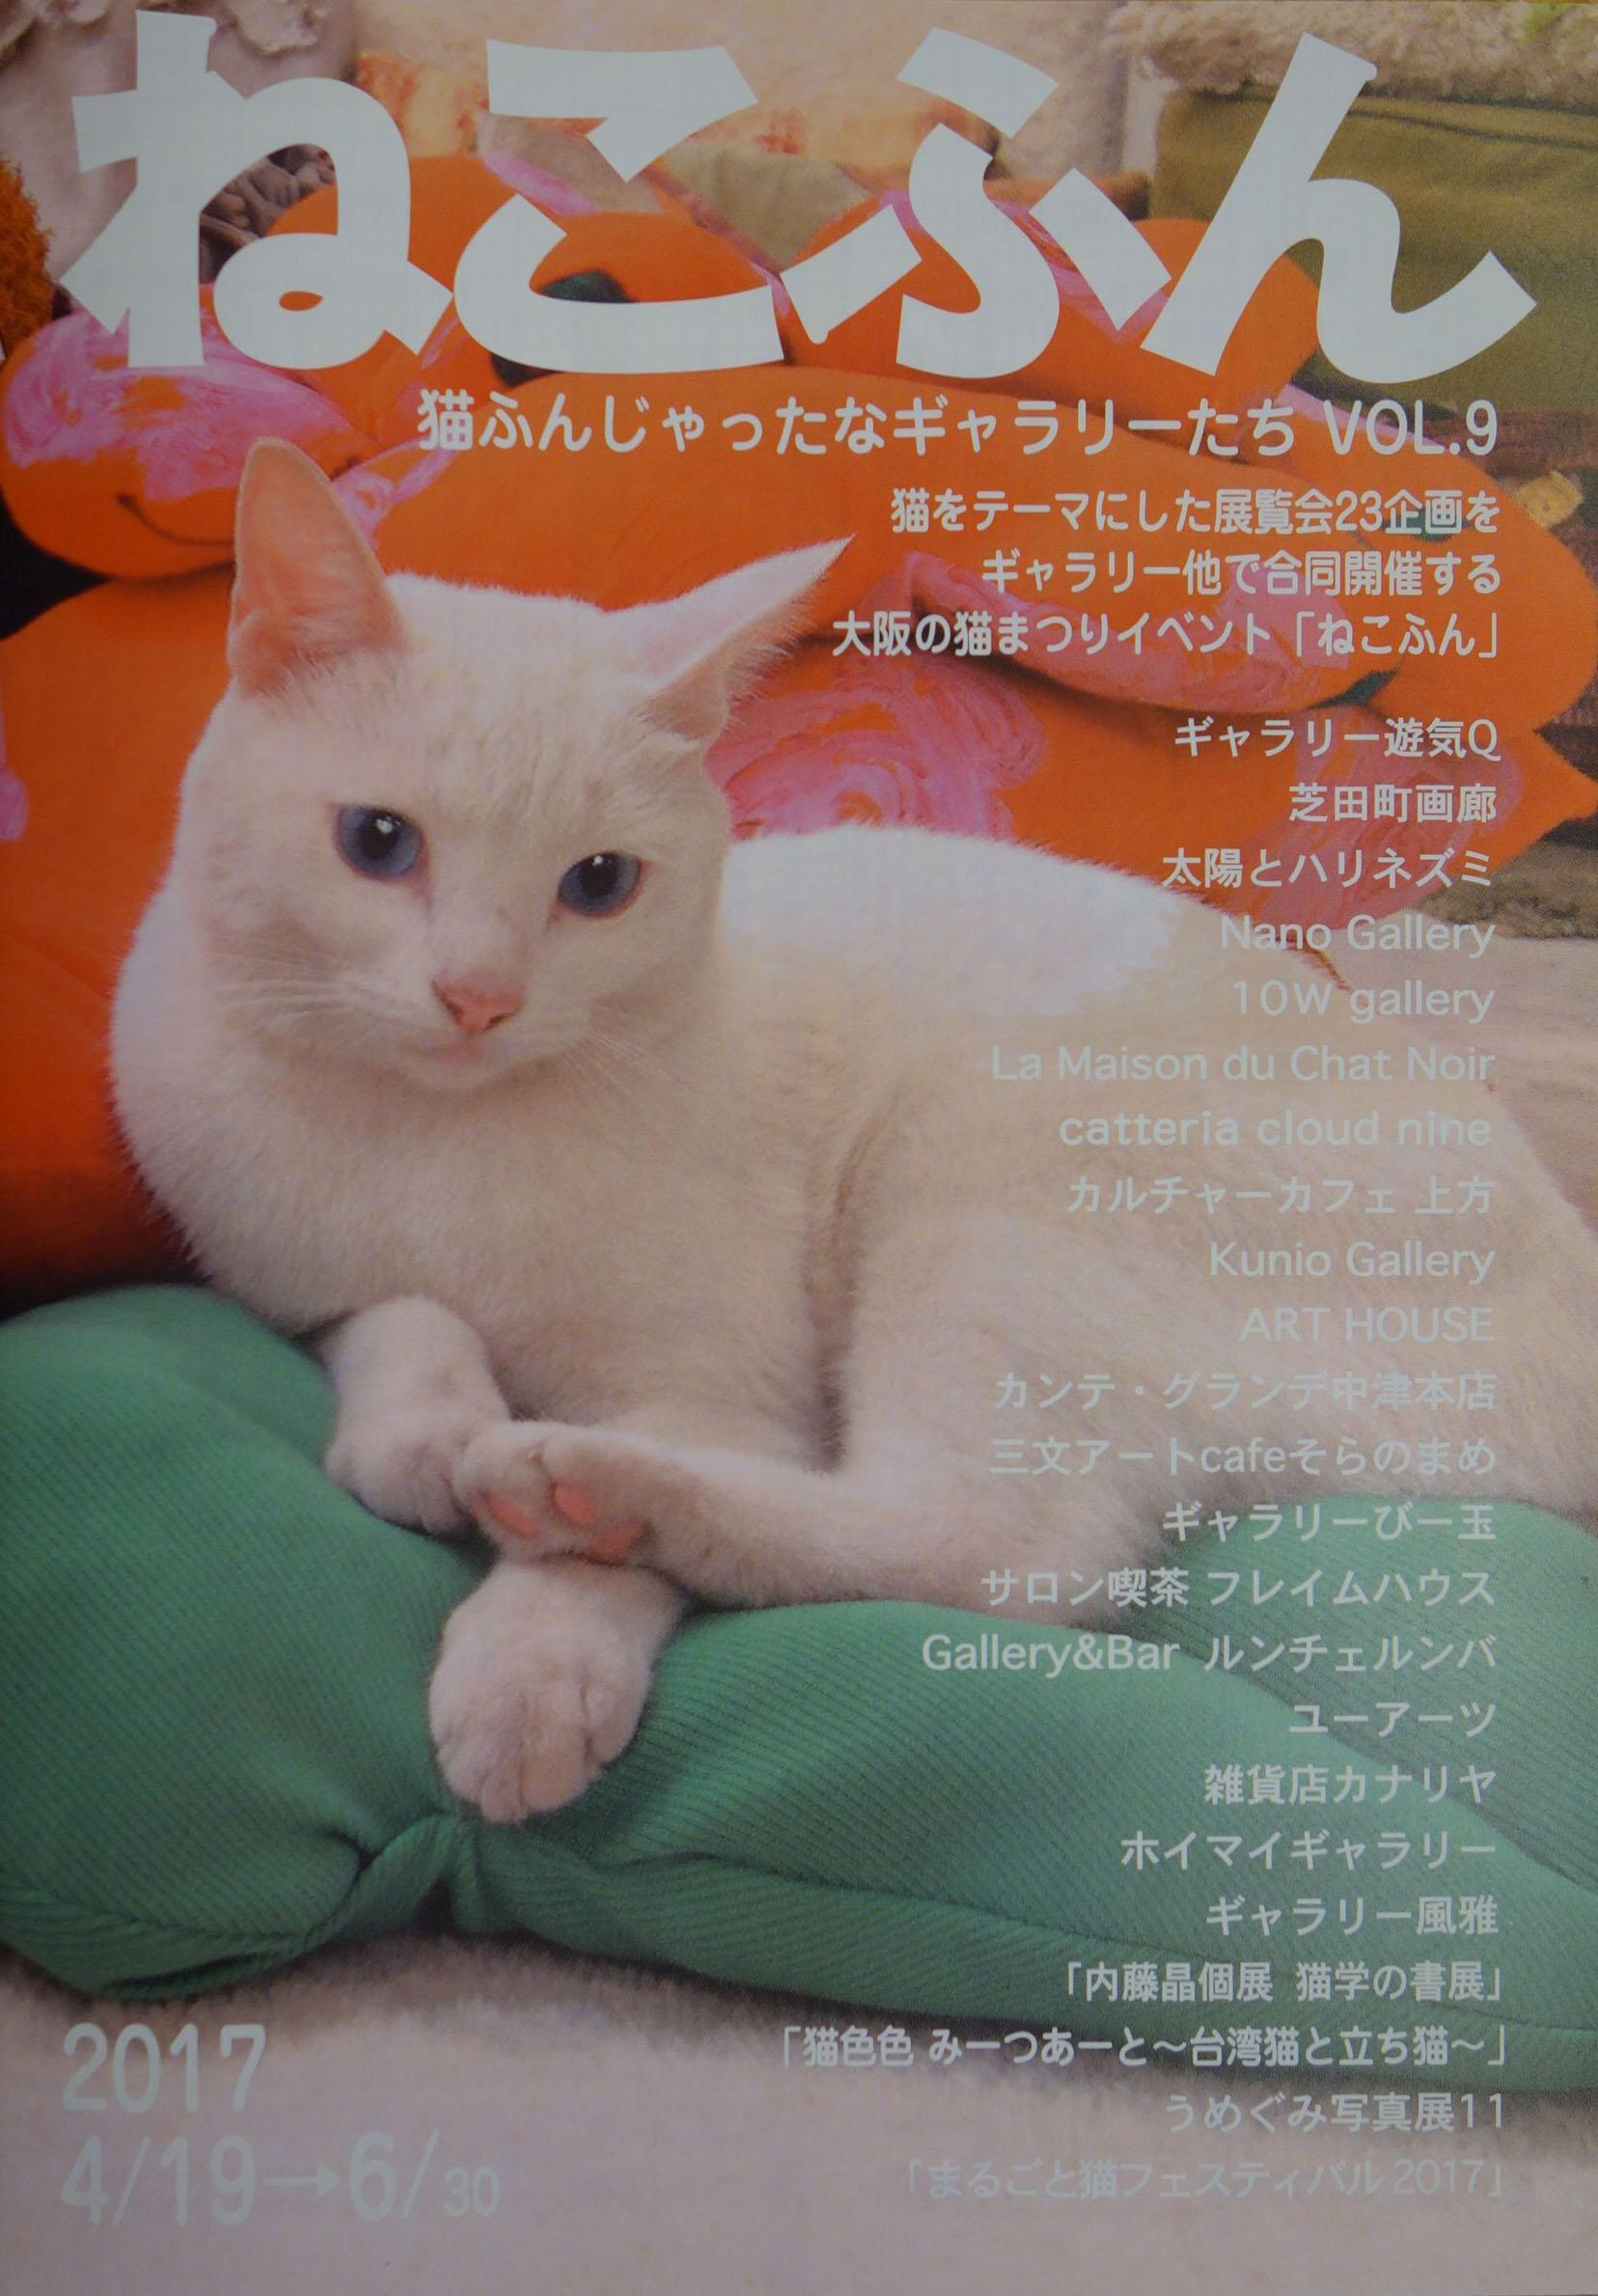 猫族の作品展2017 猫ふんじゃったなギャラリーたち VOL.9